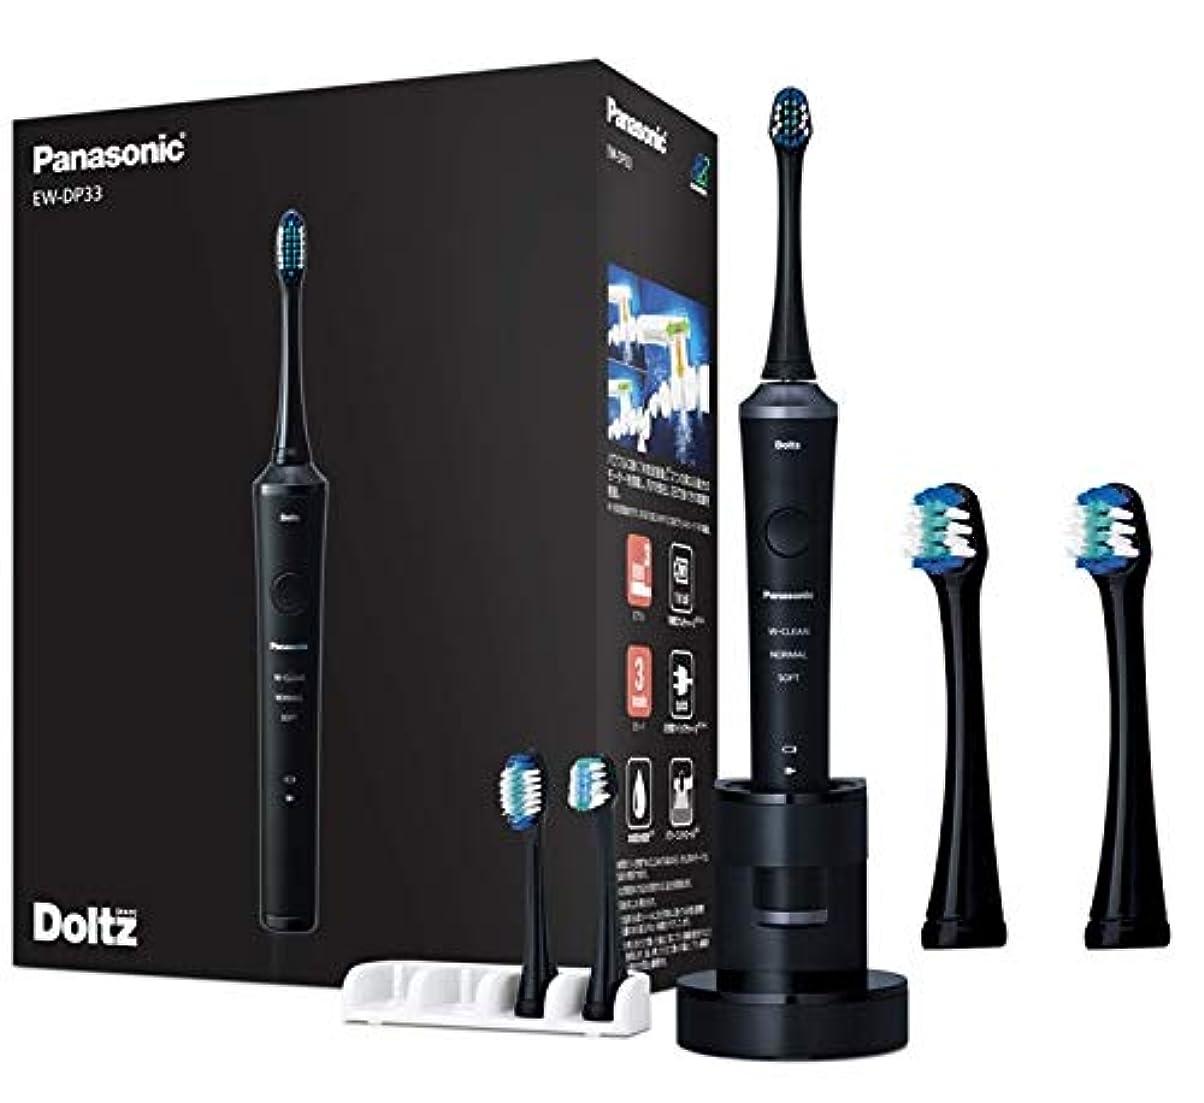 速い登録する決してパナソニック 電動歯ブラシ ドルツ 黒 EW-DP33-K + 替えブラシ セット